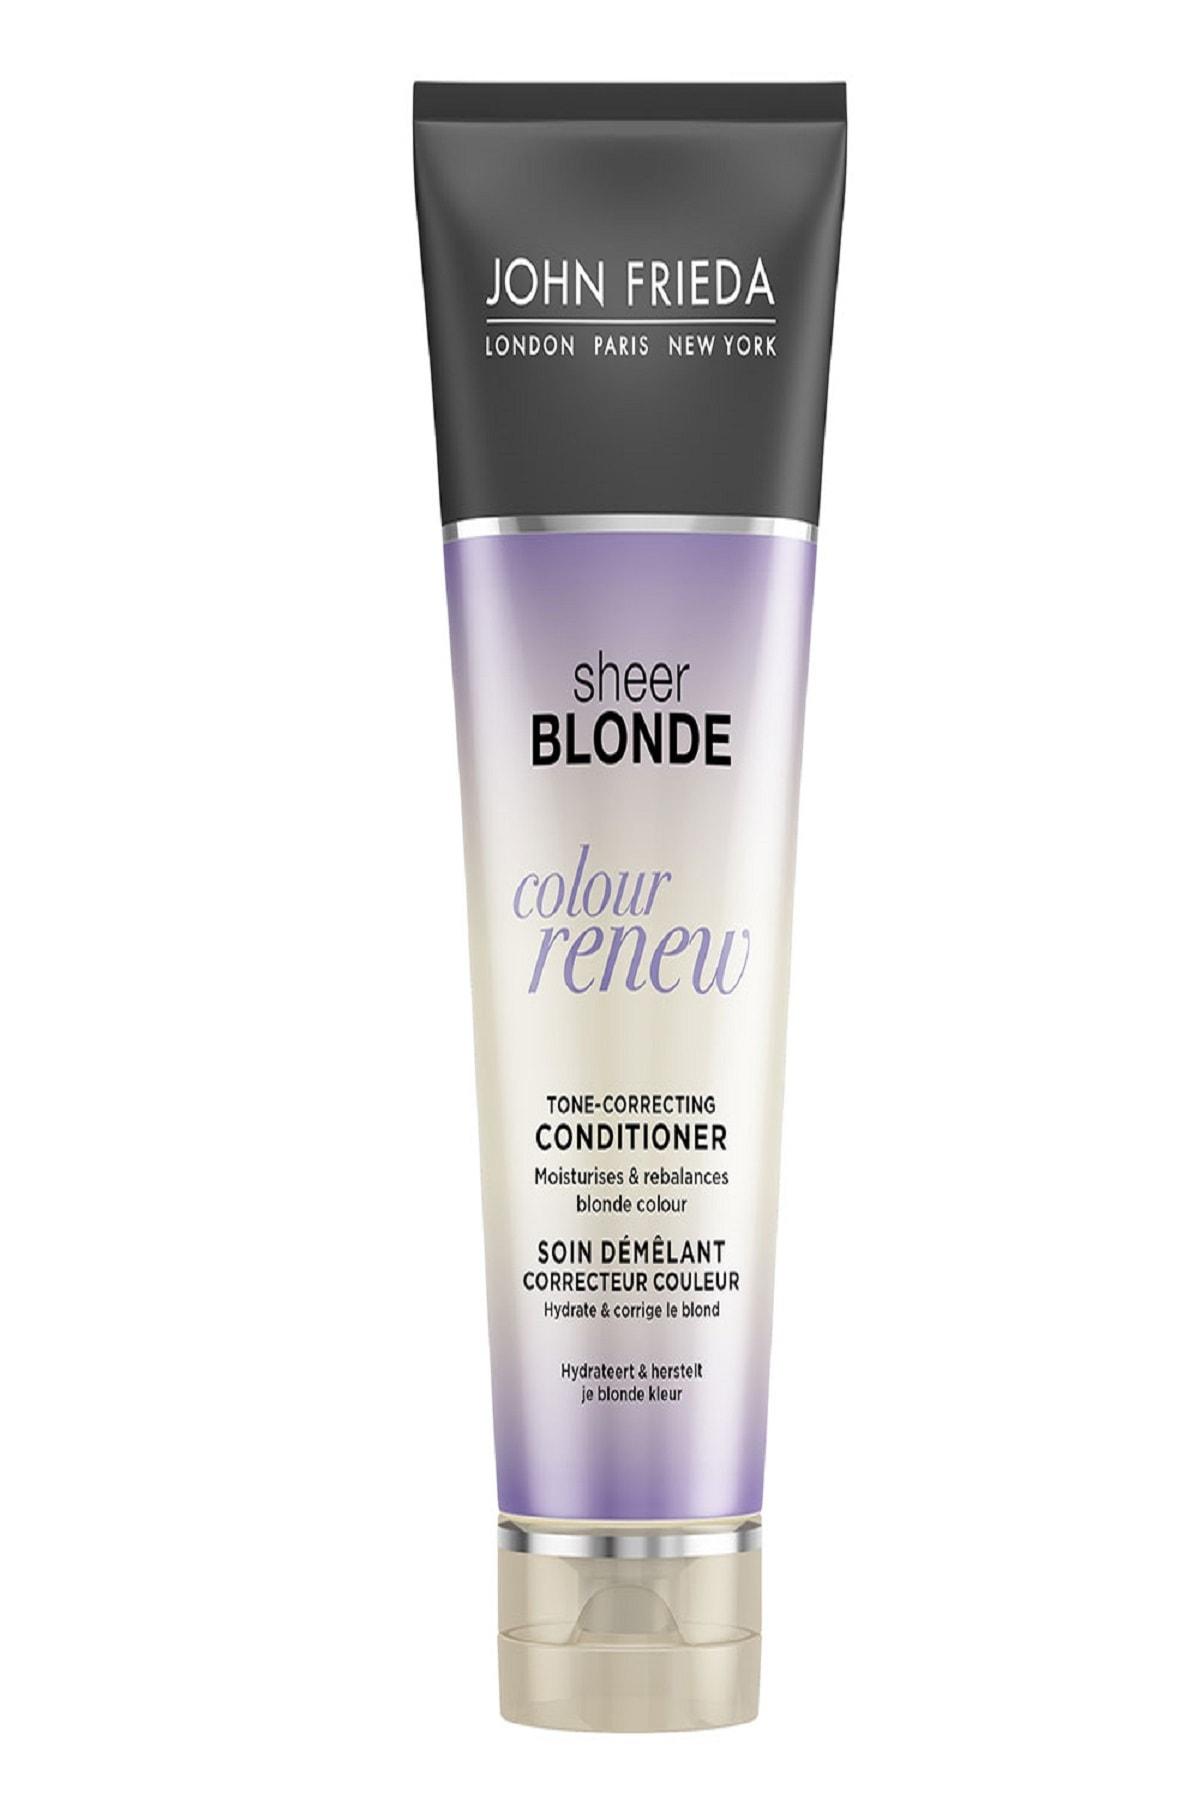 Turunculaşma Karşıtı Mor Saç Kremi - Sheer Blonde Color Renew Conditioner 250ml